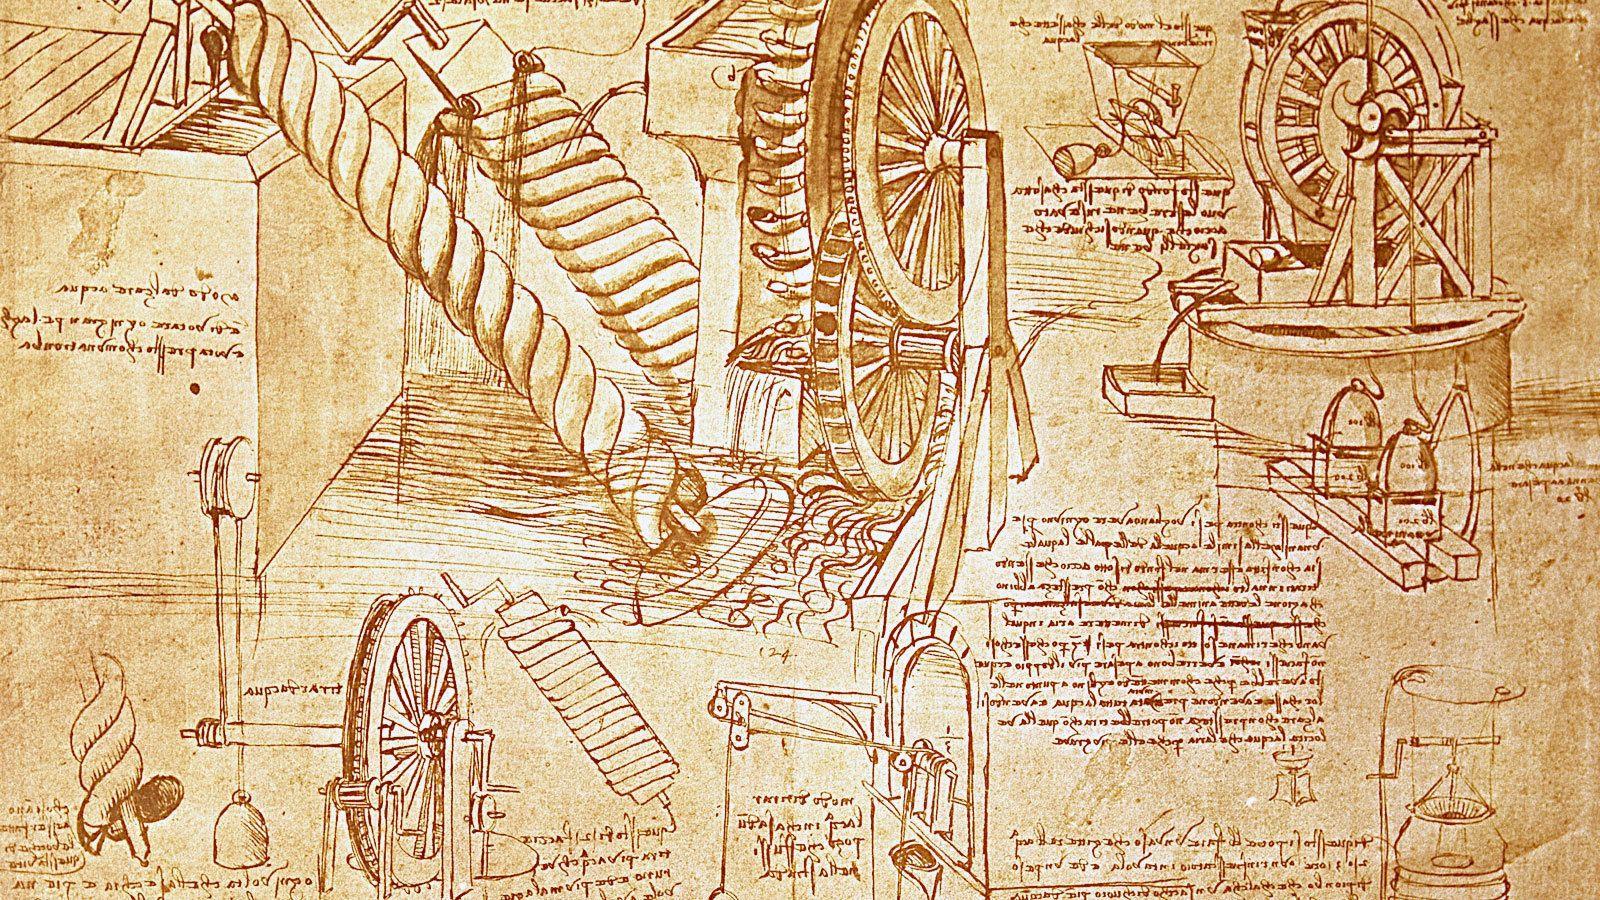 Accès prioritaire à La Cène et au Codex Atlanticus de Léonard de Vinci